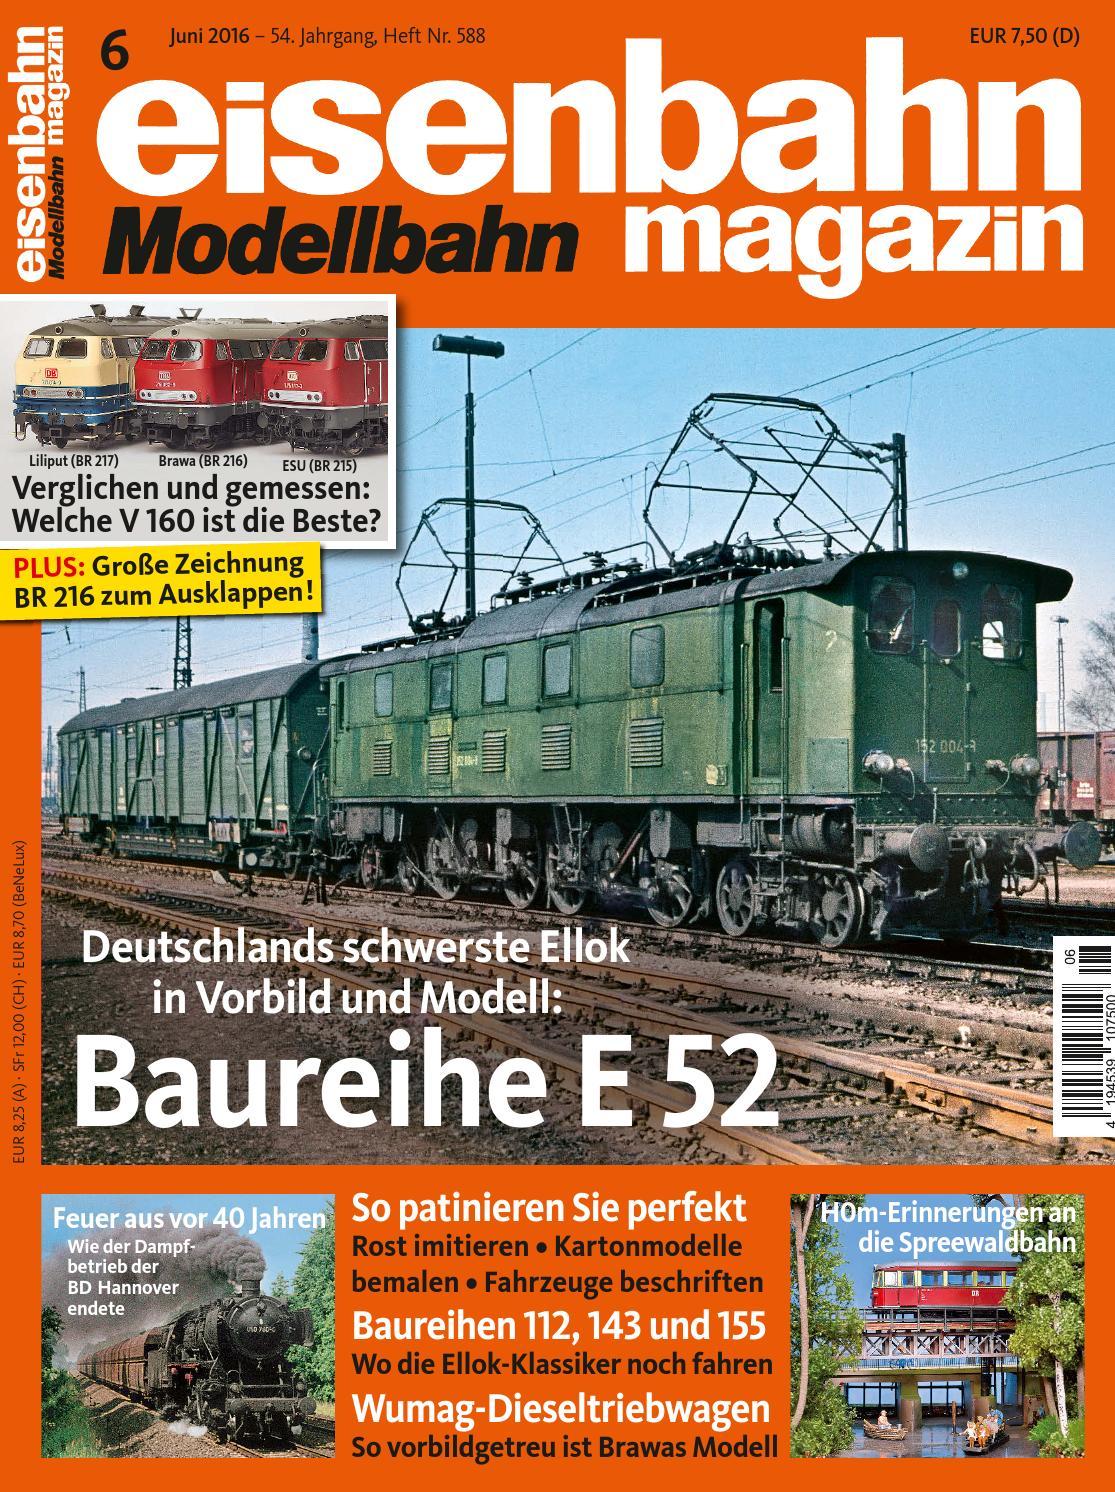 Liliput 2x Bügel Kupplungen für ältere Güterwagen Neuwertig!